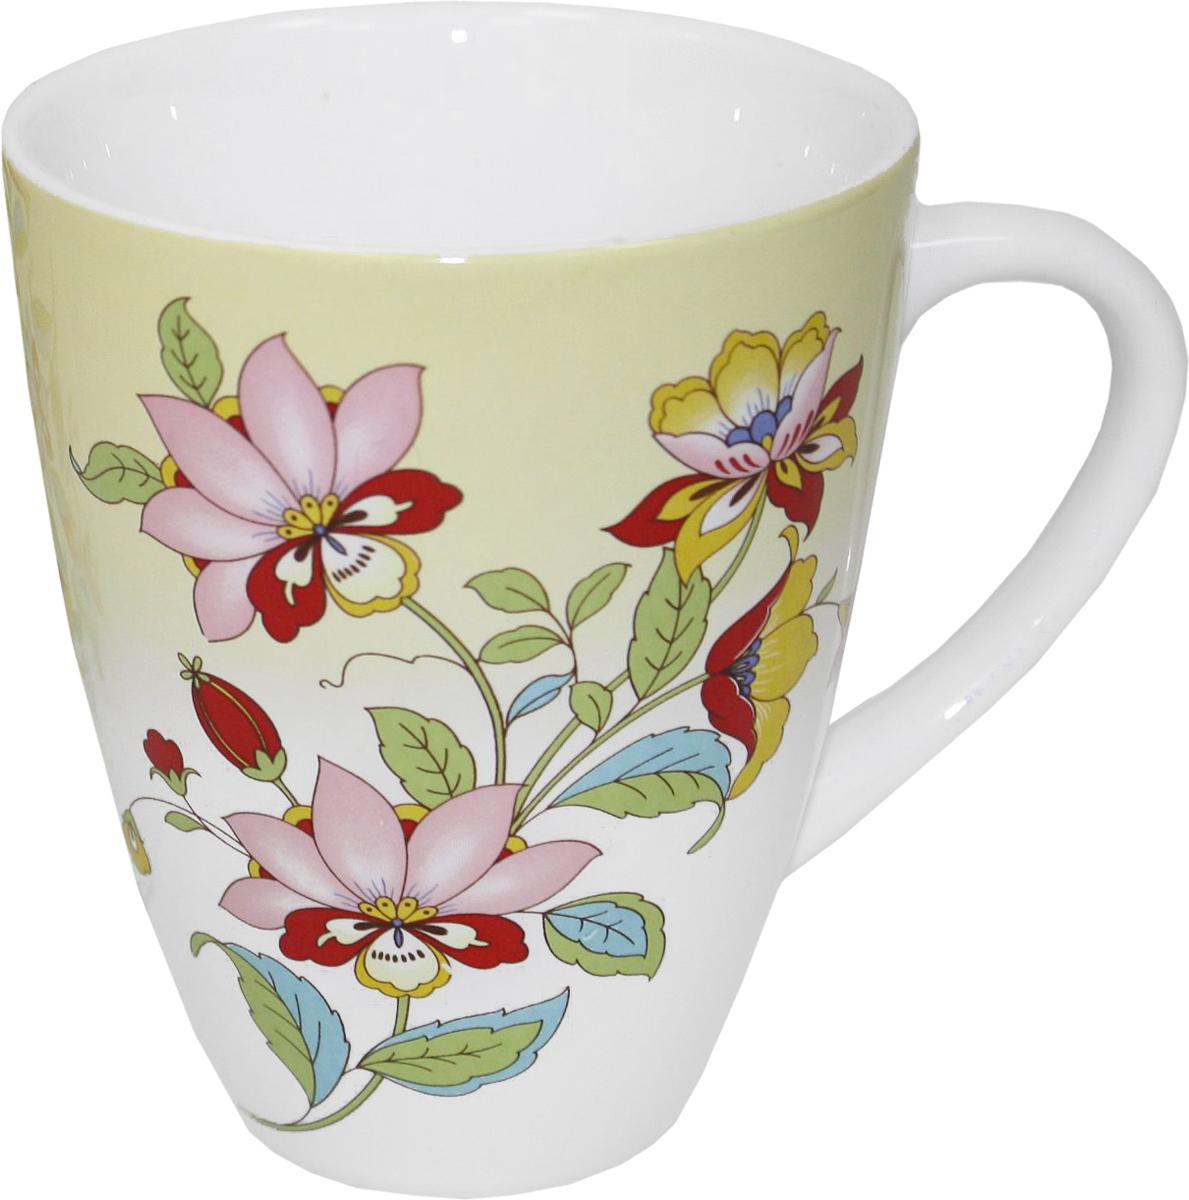 Кружка Azulejo Espanol Ceramica Sunny Flowers, 300 мл54 009303Кружка Azulejo Espanol Ceramica Sunny Flowers сочетает в себе кухонную практичность и декоративную утонченность.Кружка оформлена художественной печатью и станет отличным украшением вашего интерьера.